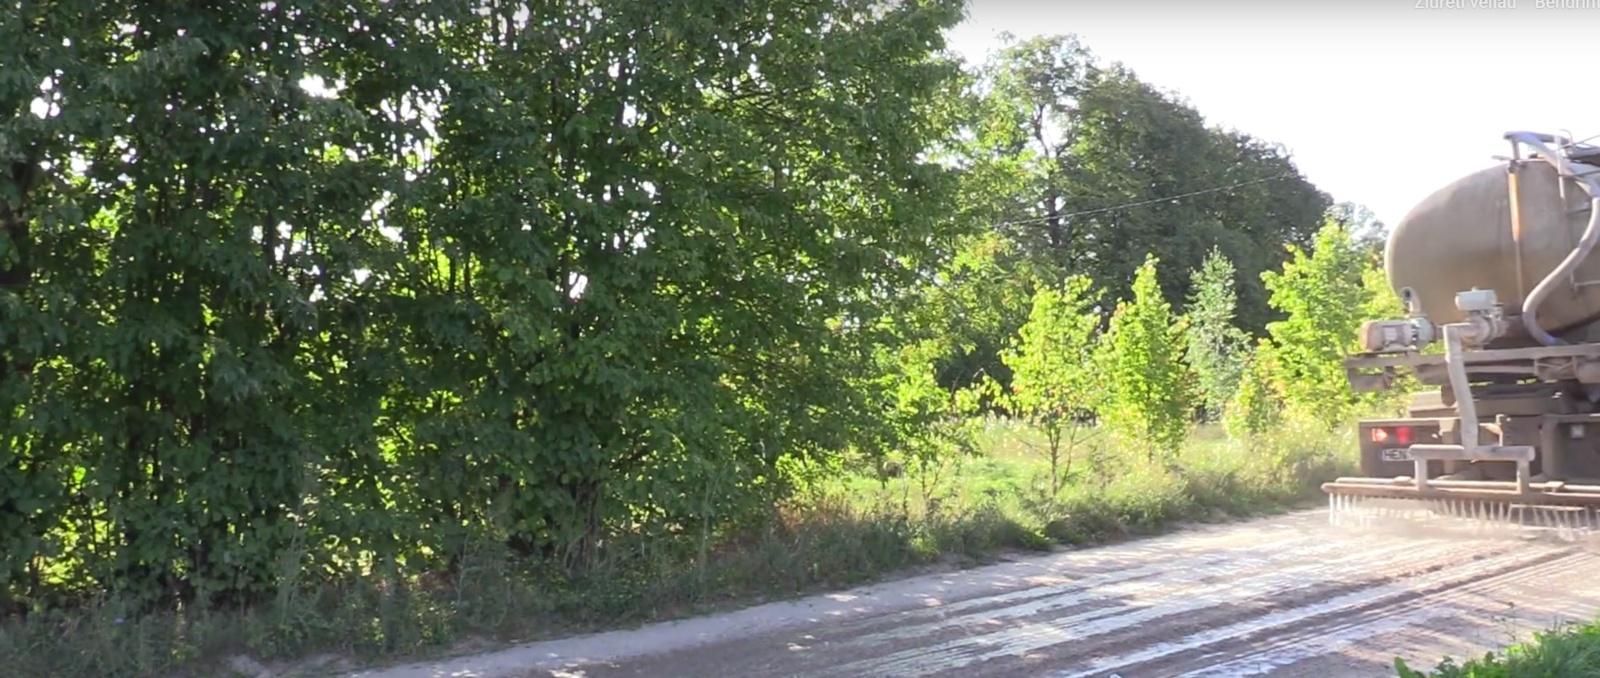 Alytaus rajone ieškoma būdų spręsti dulkančių kelių problemą (vaizdo įrašas)